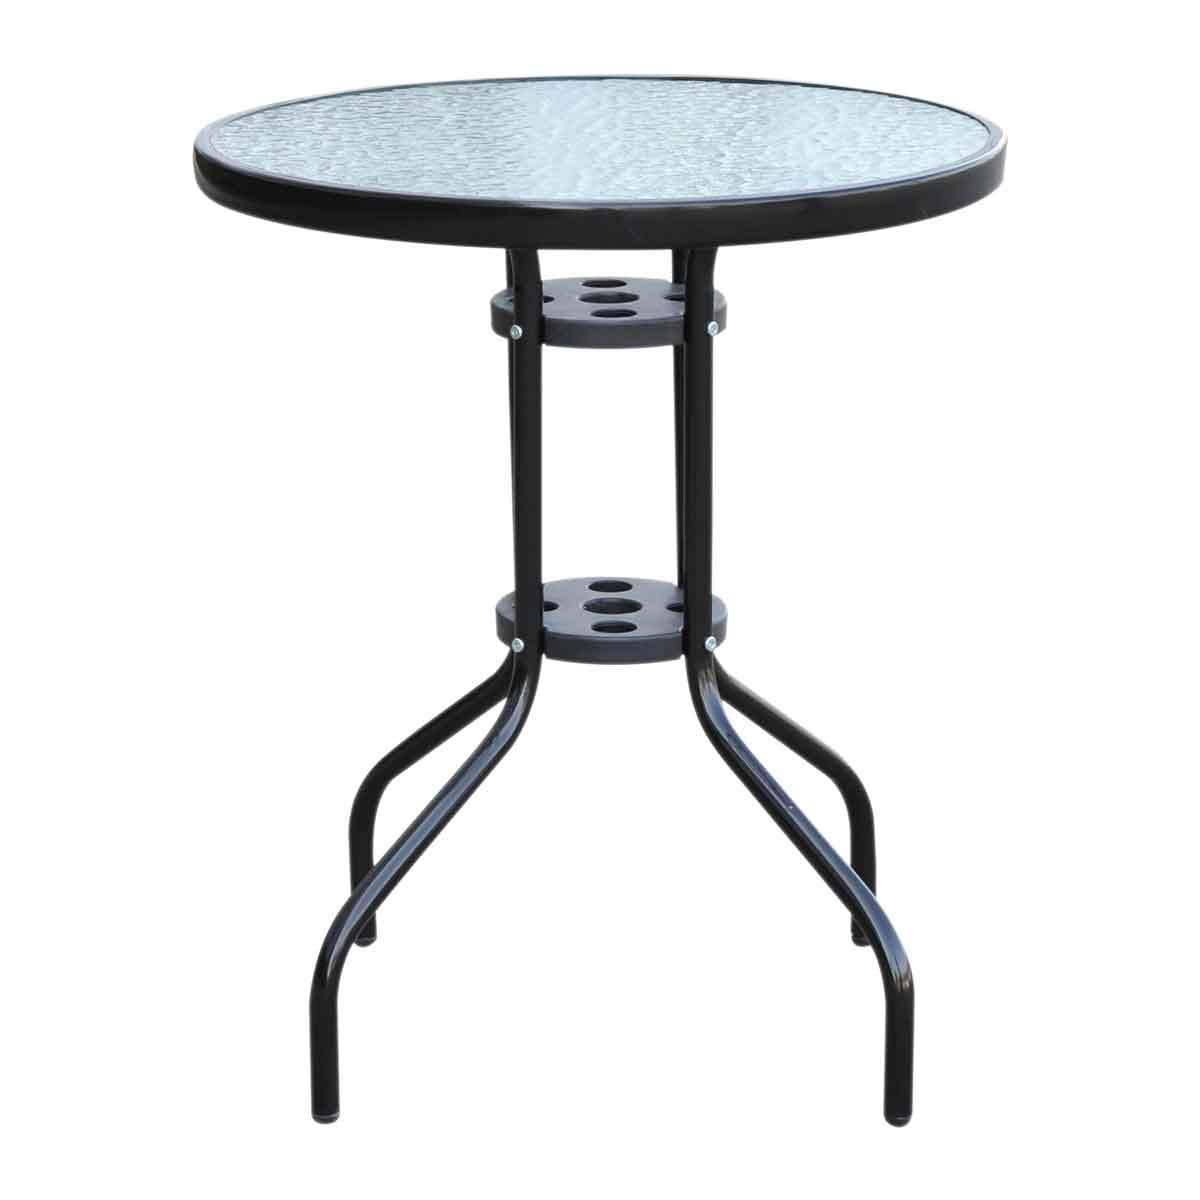 Outsunny Portable Round Metal Garden Table - Black